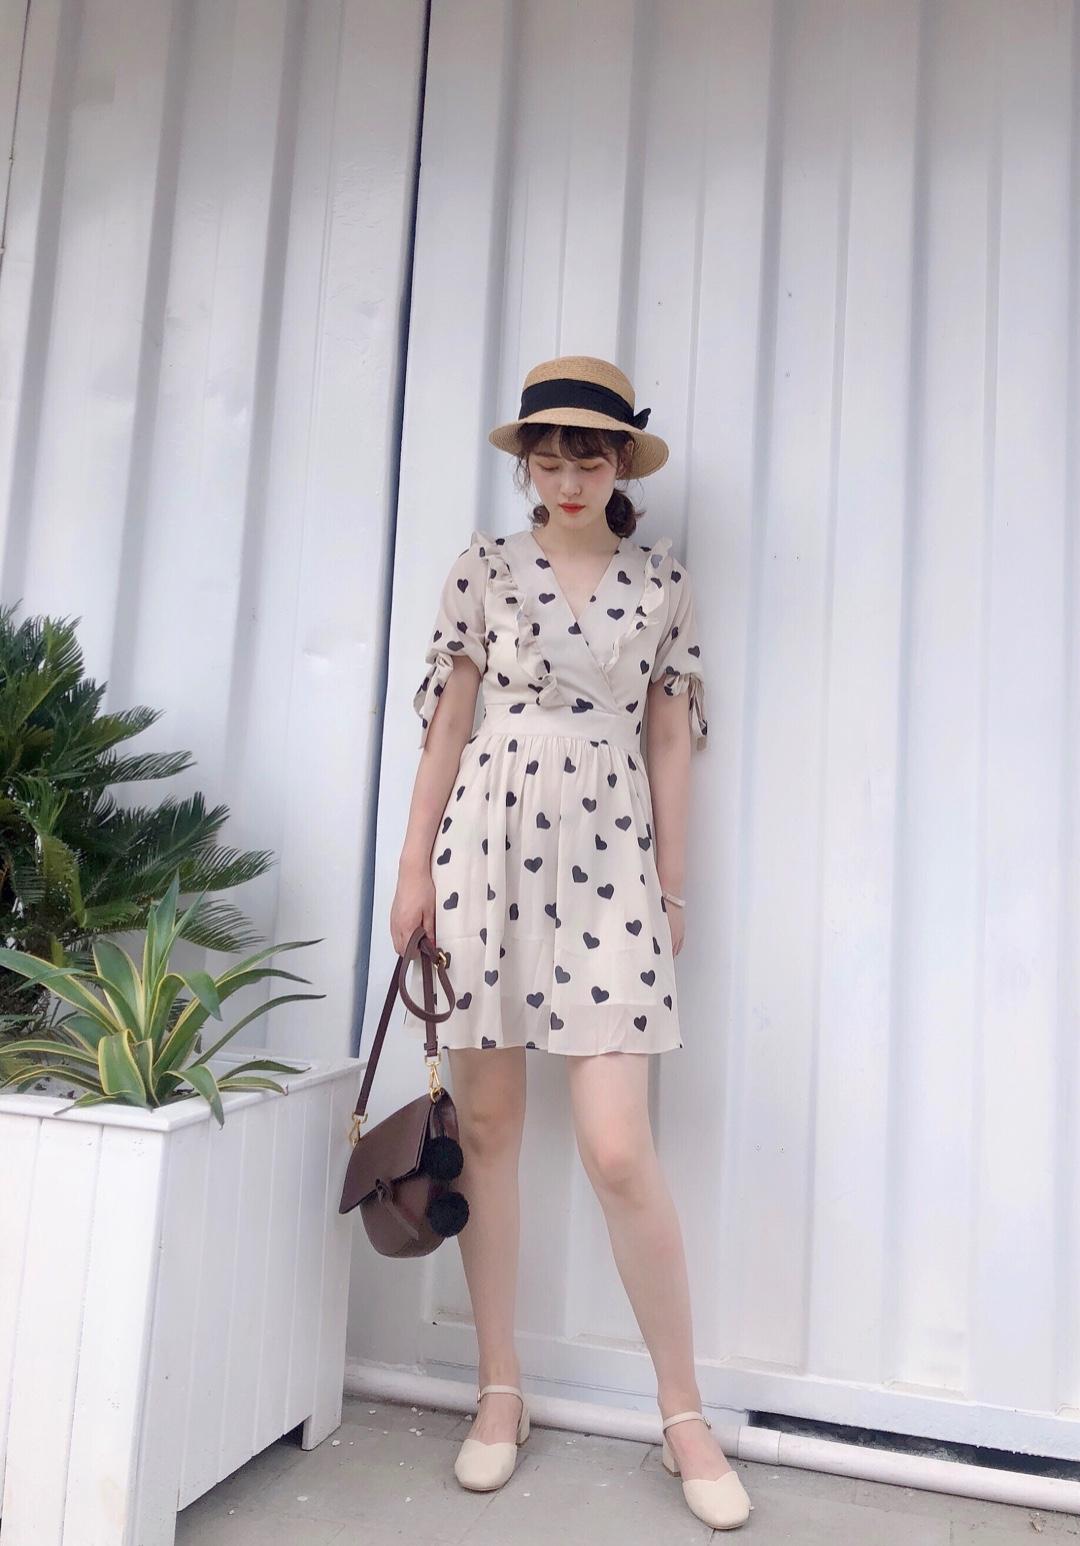 #银色情人节,我是这么脱单的#很小可爱女人味的一条连衣裙,蛮裙的爱心💗不能更可啦,戳中我的少女心,花边设计也很加分,短款的裙装感觉很适合小个子的女生呢